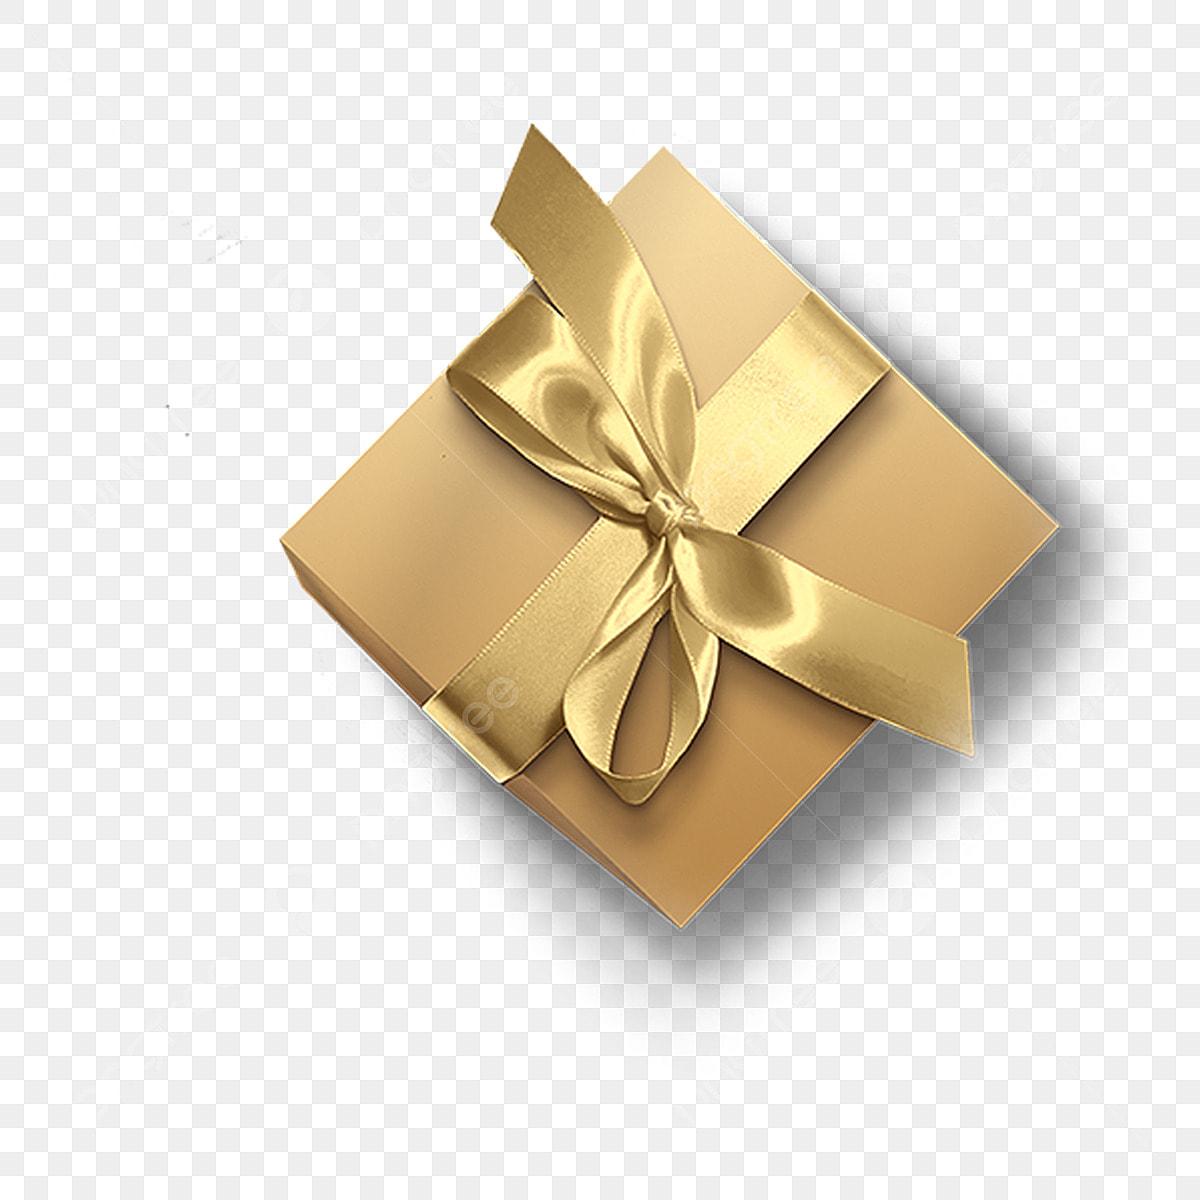 الذهب هدية التعبئة والتغليف علبة ذهب هدية مجانية التعبئة والتغليف Png وملف Psd للتحميل مجانا